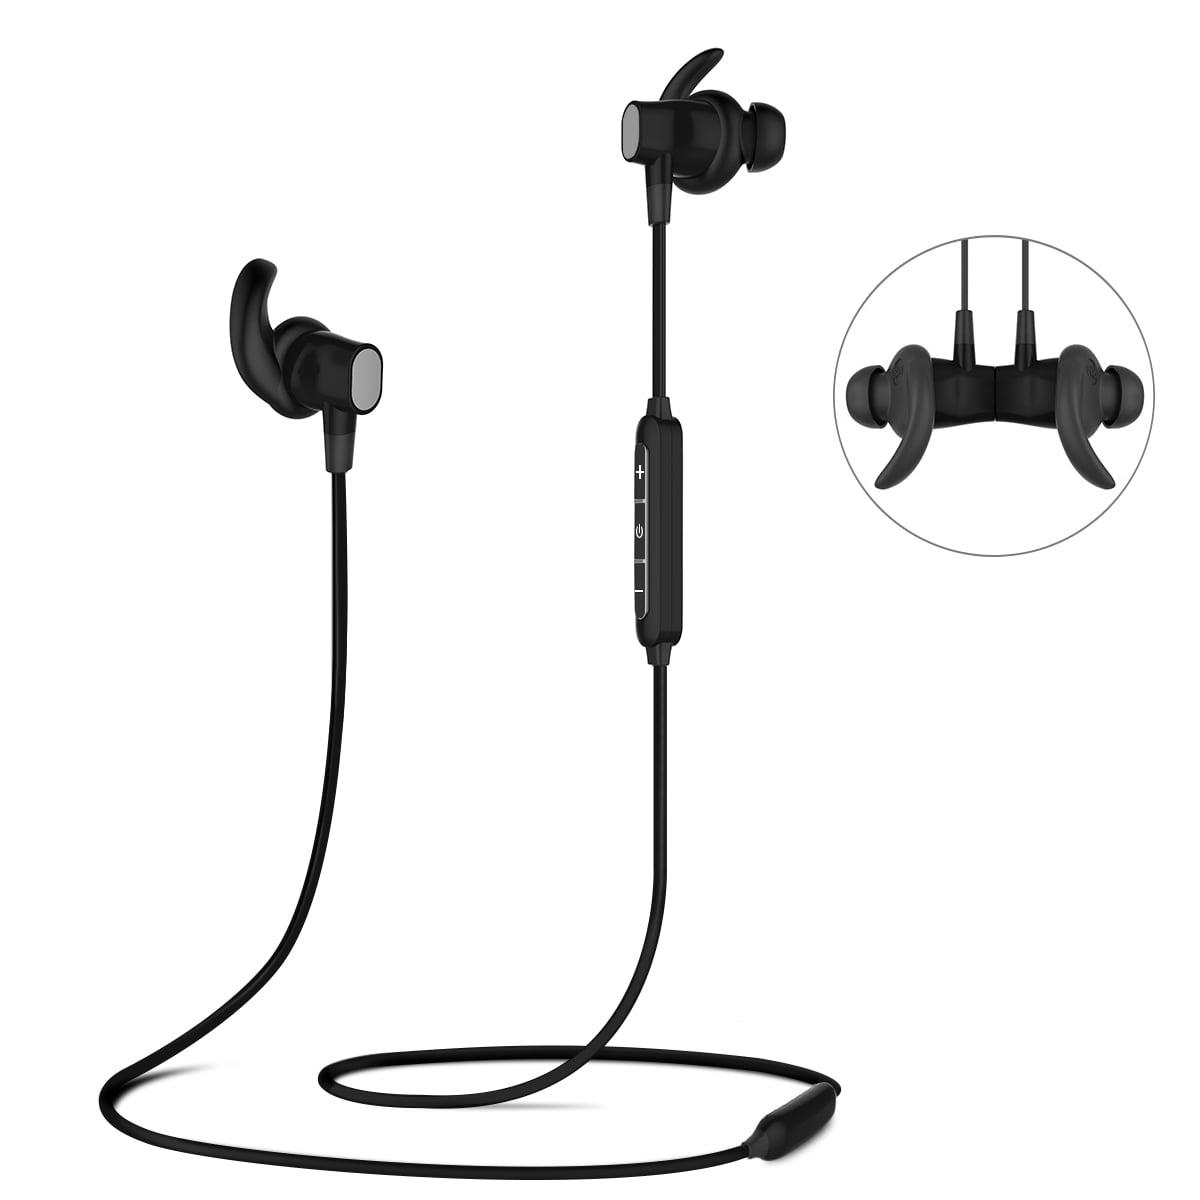 ELE bluetooth Stereo Earphone Headset Wireless Magnetic In-Ear Earbuds Headphone